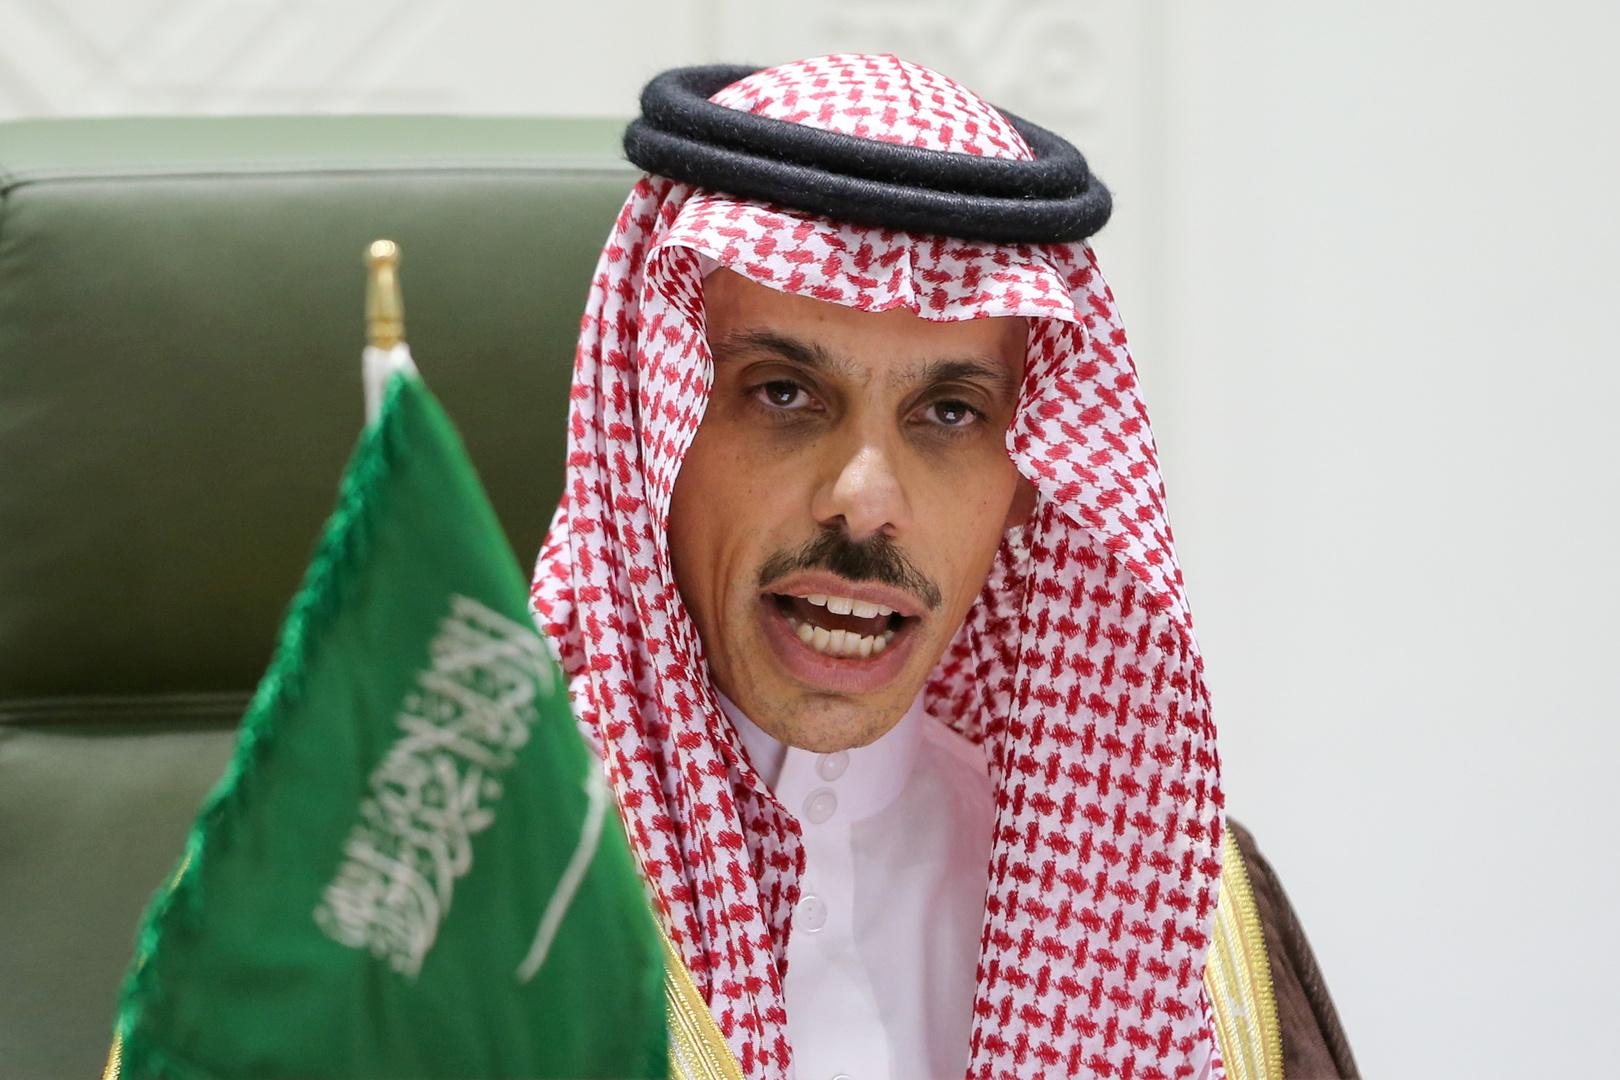 السعودية تدعو المجتمع الدولي إلى تحمل مسؤولياته تجاه